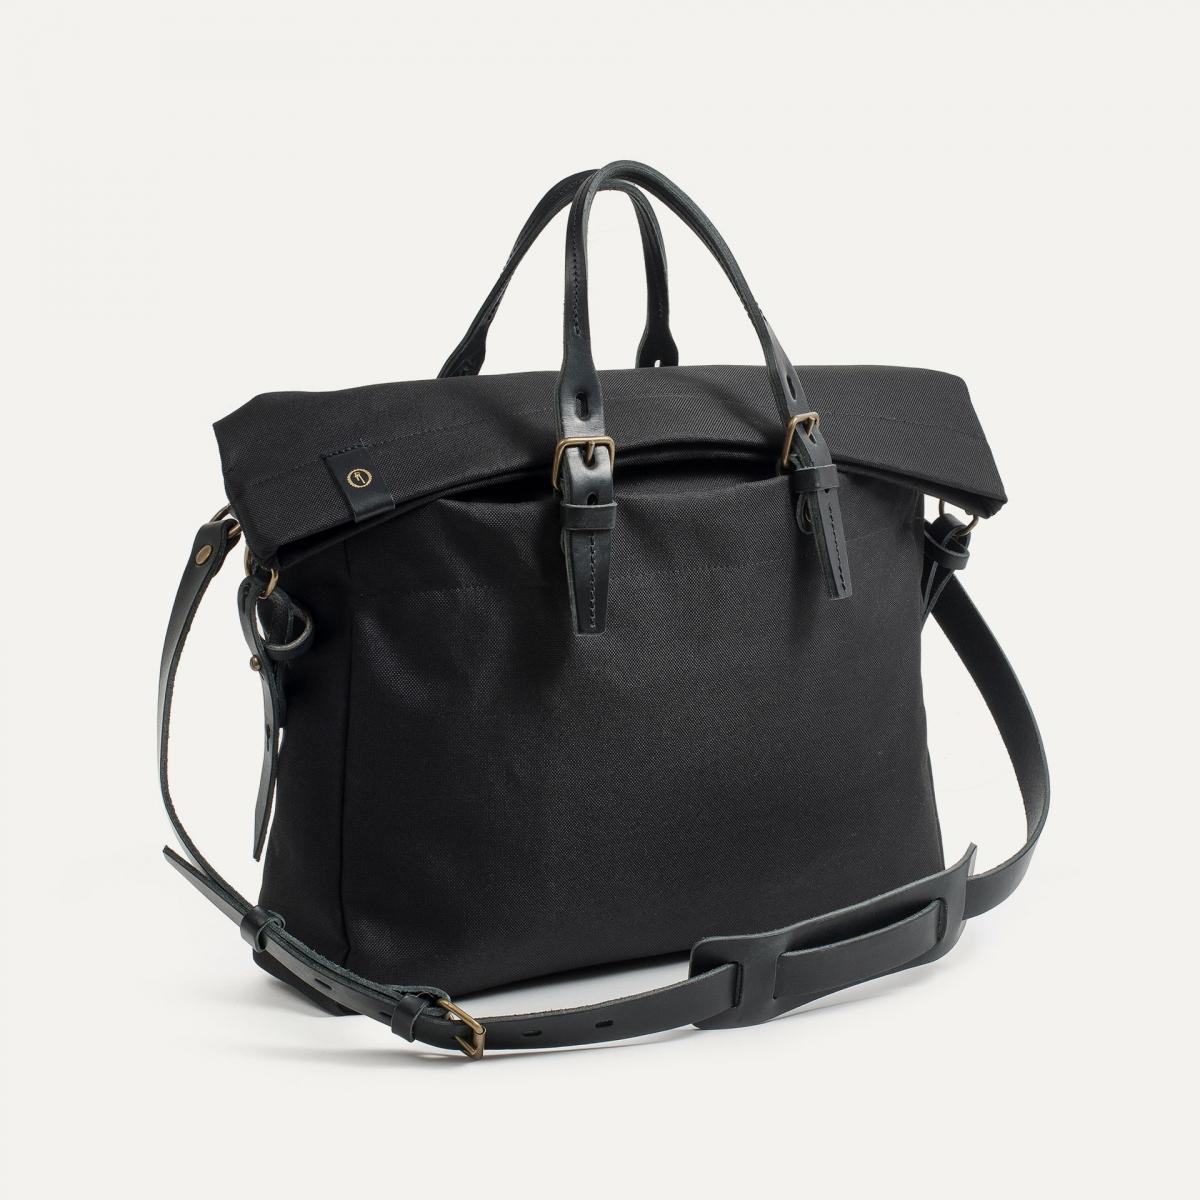 Remix business bag - Black (image n°2)